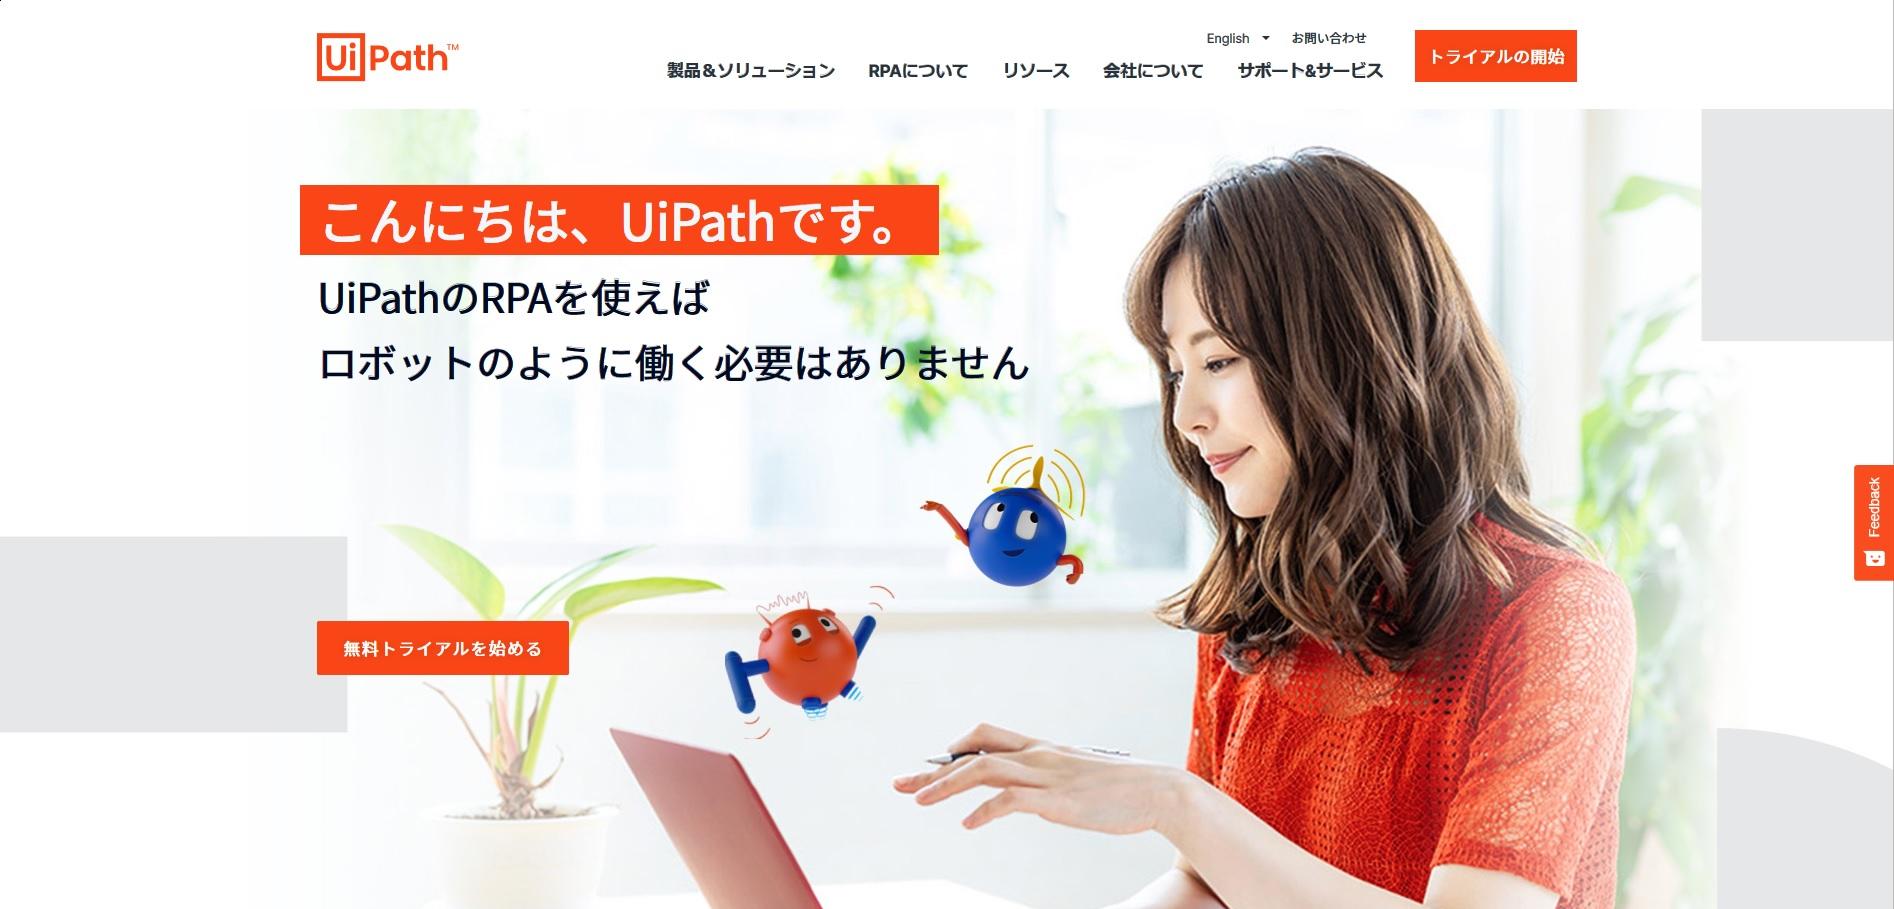 UiPath公式ページ画像